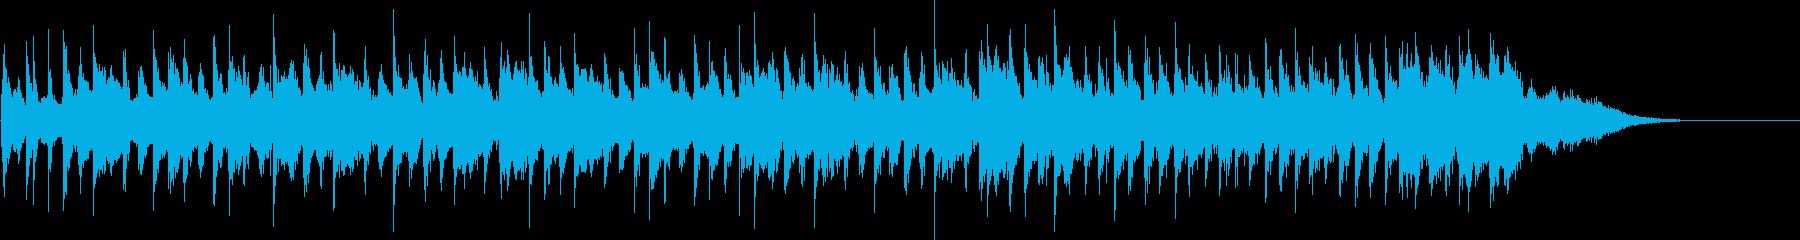 サーカスの世界に迷い込んだようなサウンドの再生済みの波形